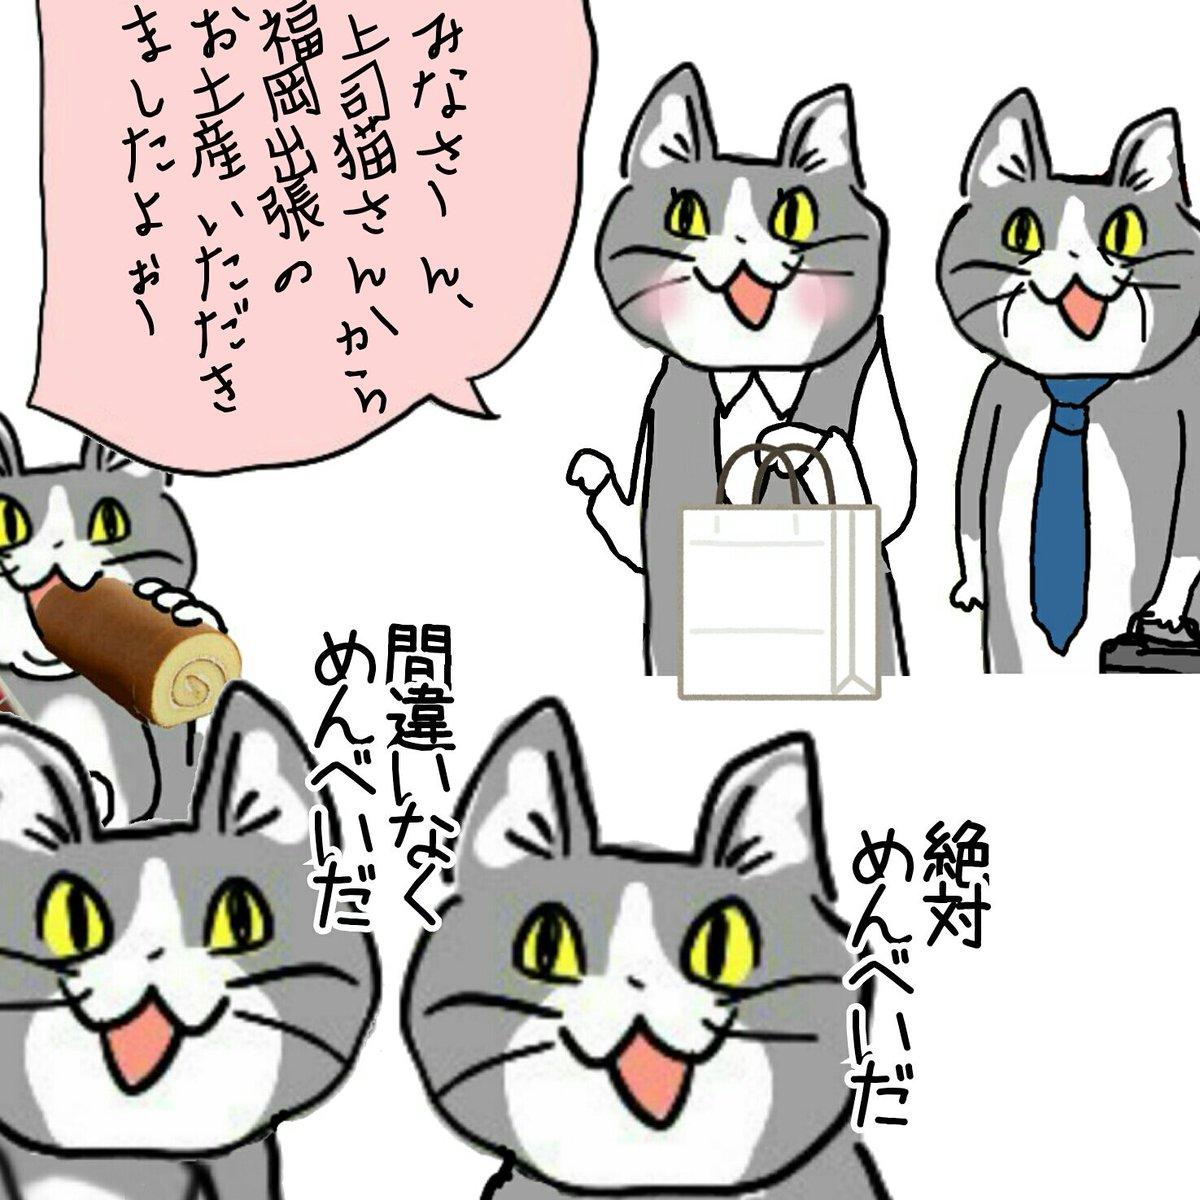 RT @karaage_rutsubo: どうして福岡土産で配られるのはいつもめんべいなんですか? #電話猫 https://t.co/b031wA3PbG